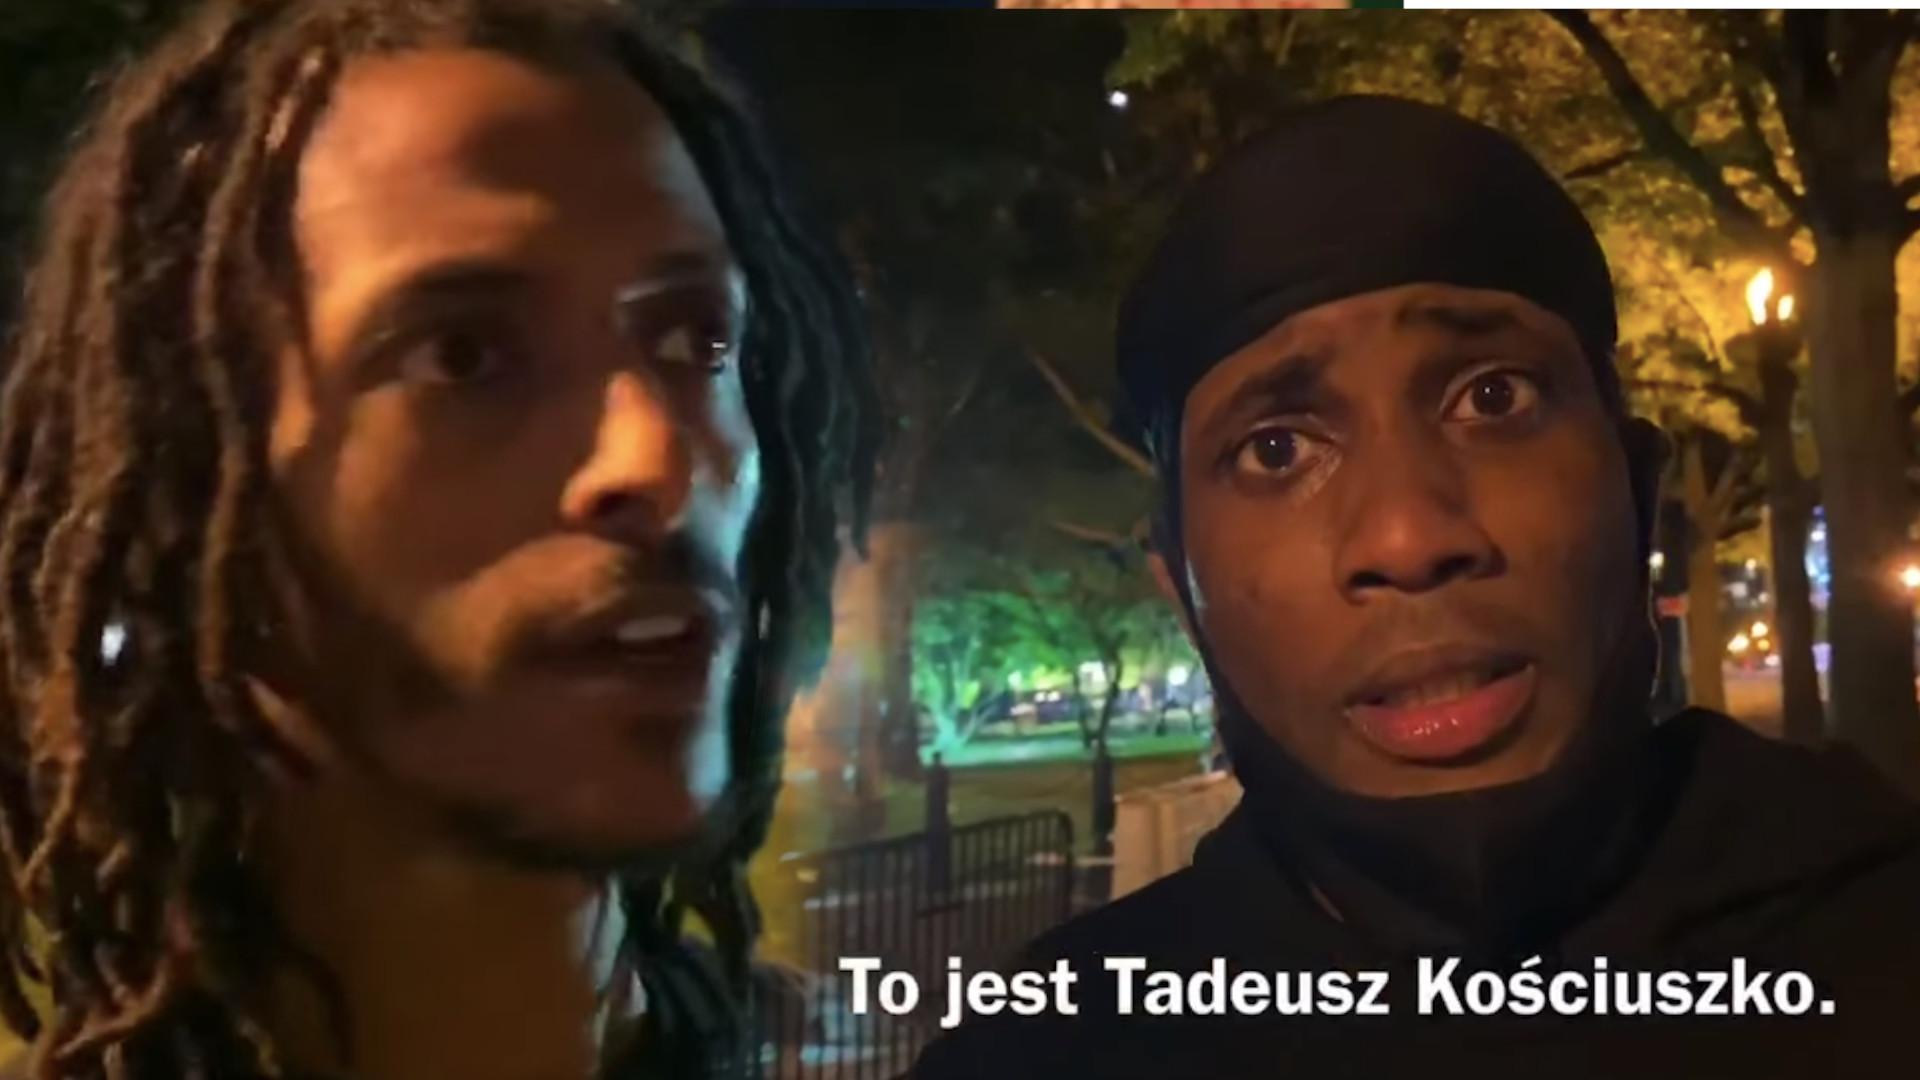 Pomnik Tadeusza Kościuszki ZDEWASTOWANY. Polak zapytał Afroamerykanów, dlaczego to zrobili (WIDEO)